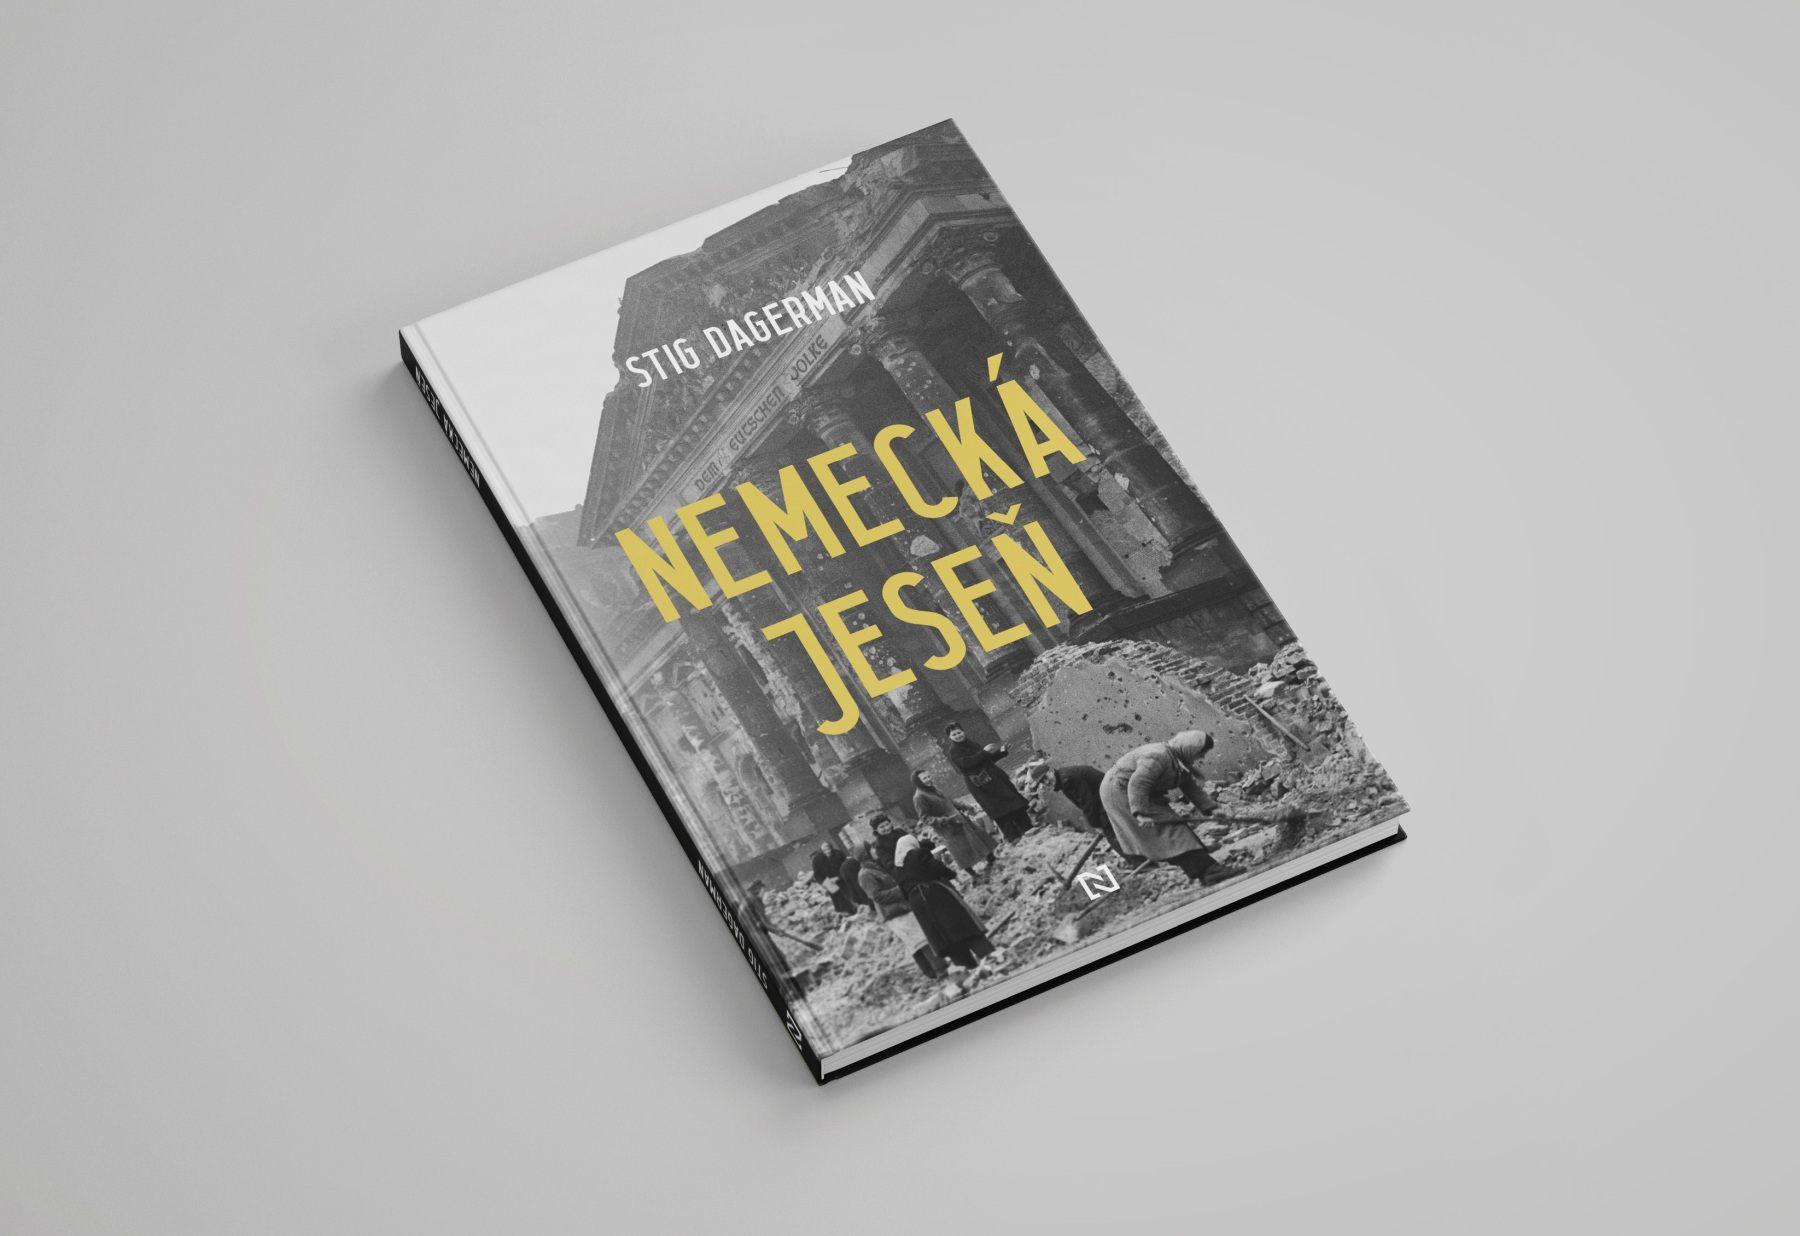 EKNIHA. Nemecká jeseň